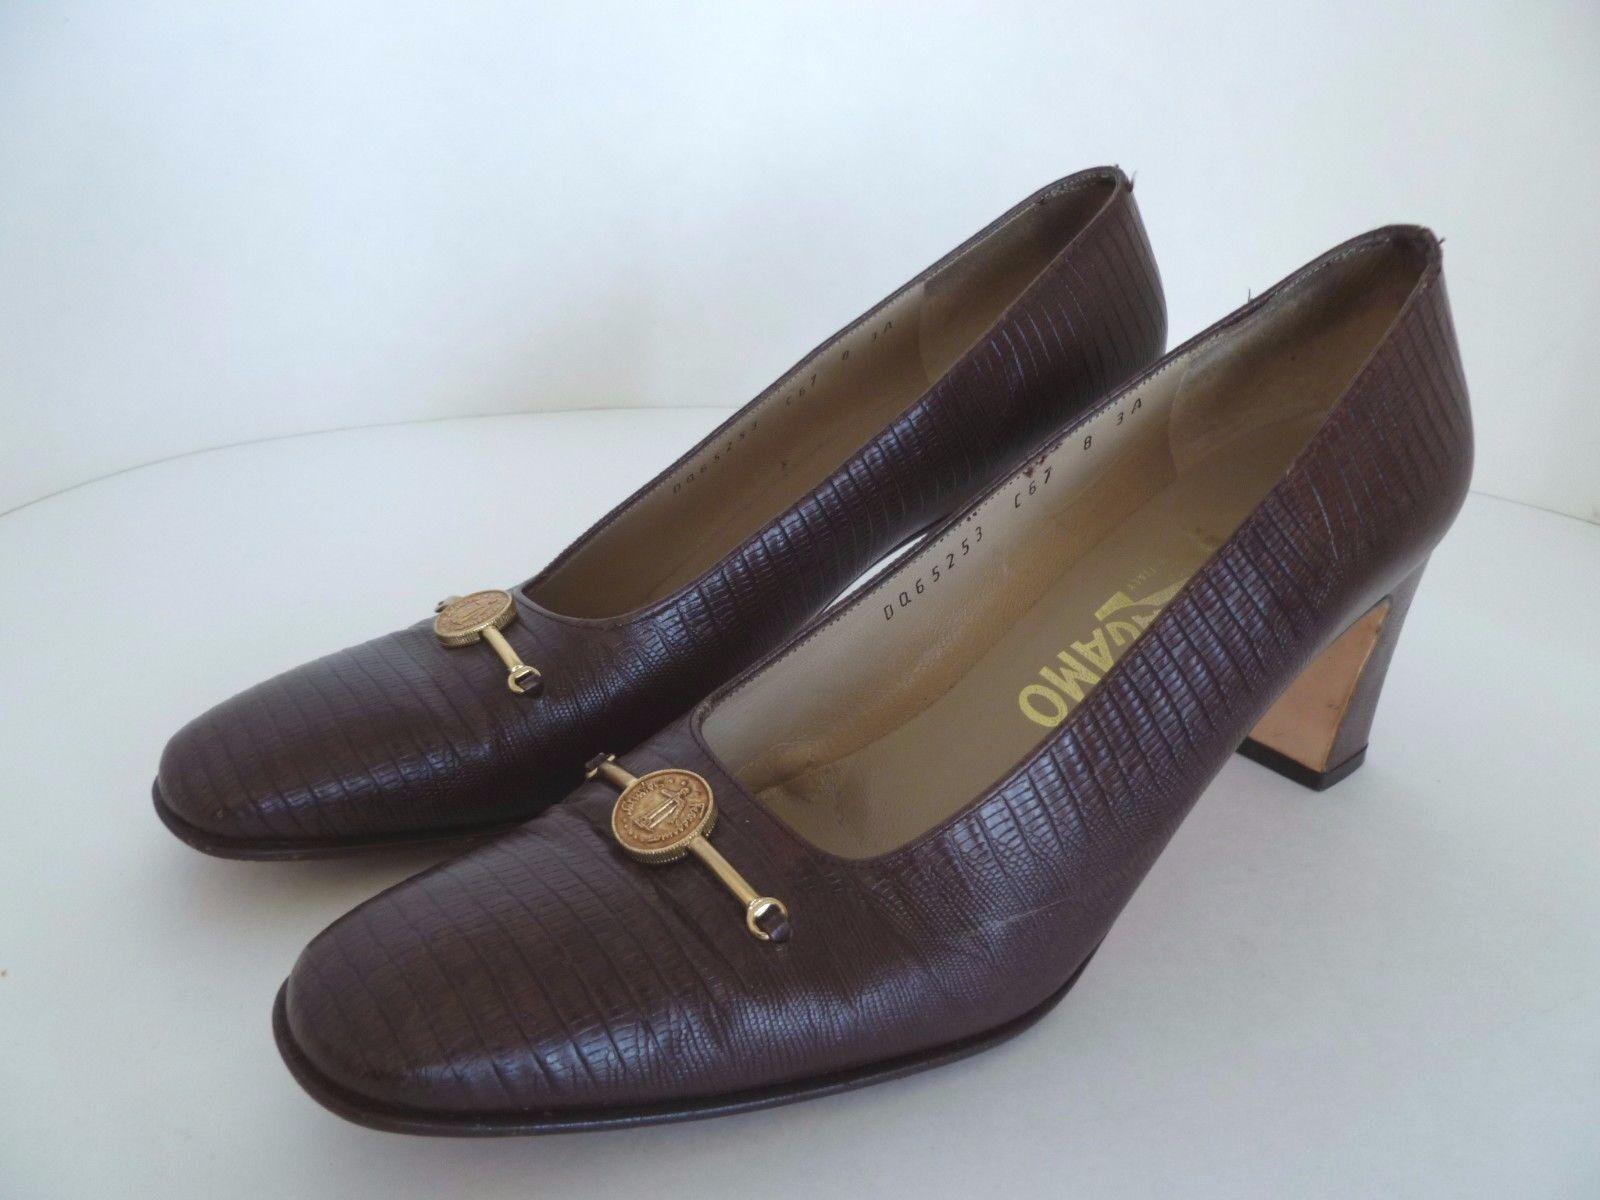 Salvatore Ferragamo Brown Leather Pumps shoes w gold Tone Emblem  Size 8 3A